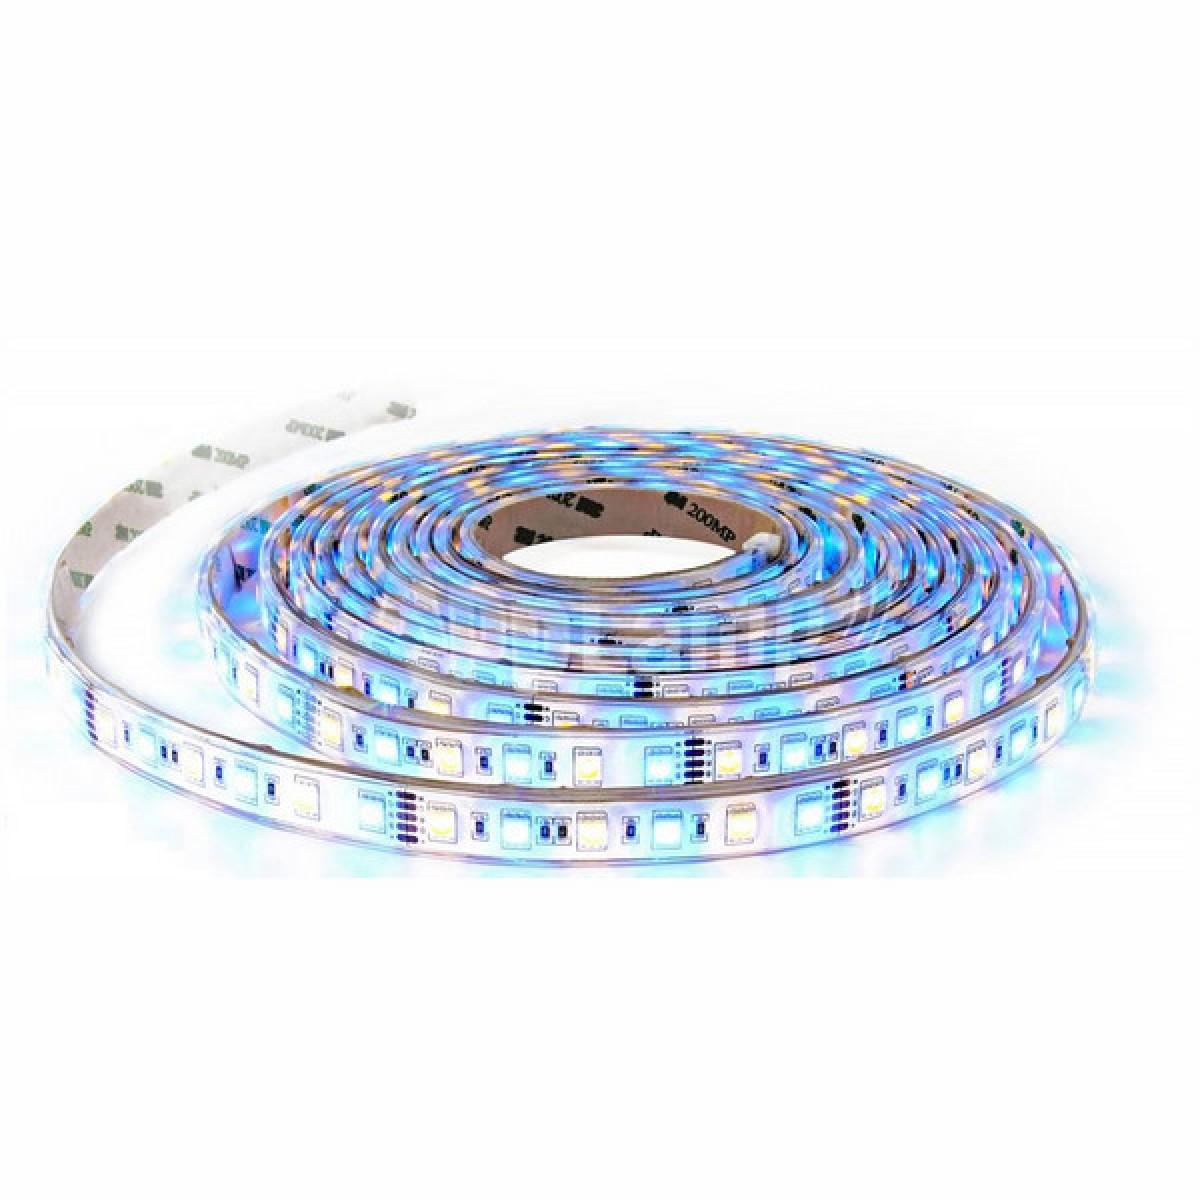 V-TAC - LED Лента SMD5050 60/1 RGB+Бяло IP20 SKU: 2159 VT-5050